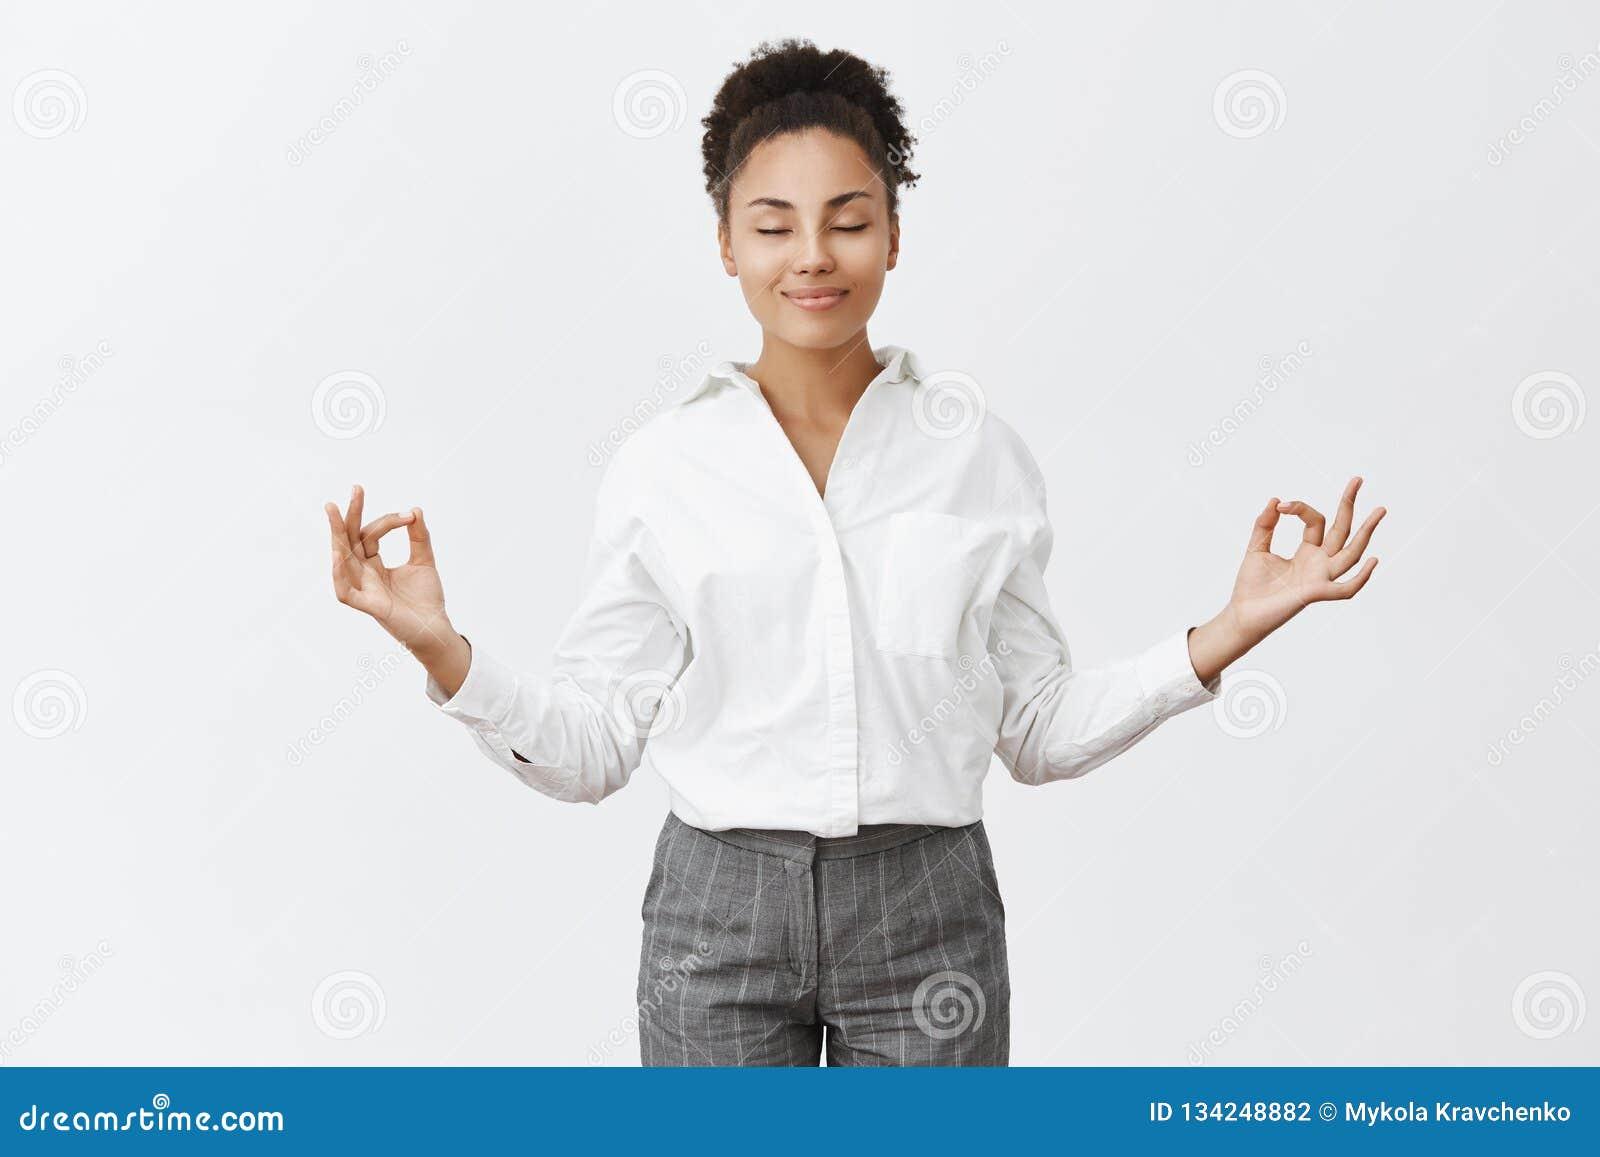 Πίεση ελεύθερη, μόνο ειρήνη μέσα Γοητευτική το χαλαρωμένο και ξένοιαστο θηλυκό στην αυταρχική εξάρτηση, η αύξηση παραδίδει zen τη